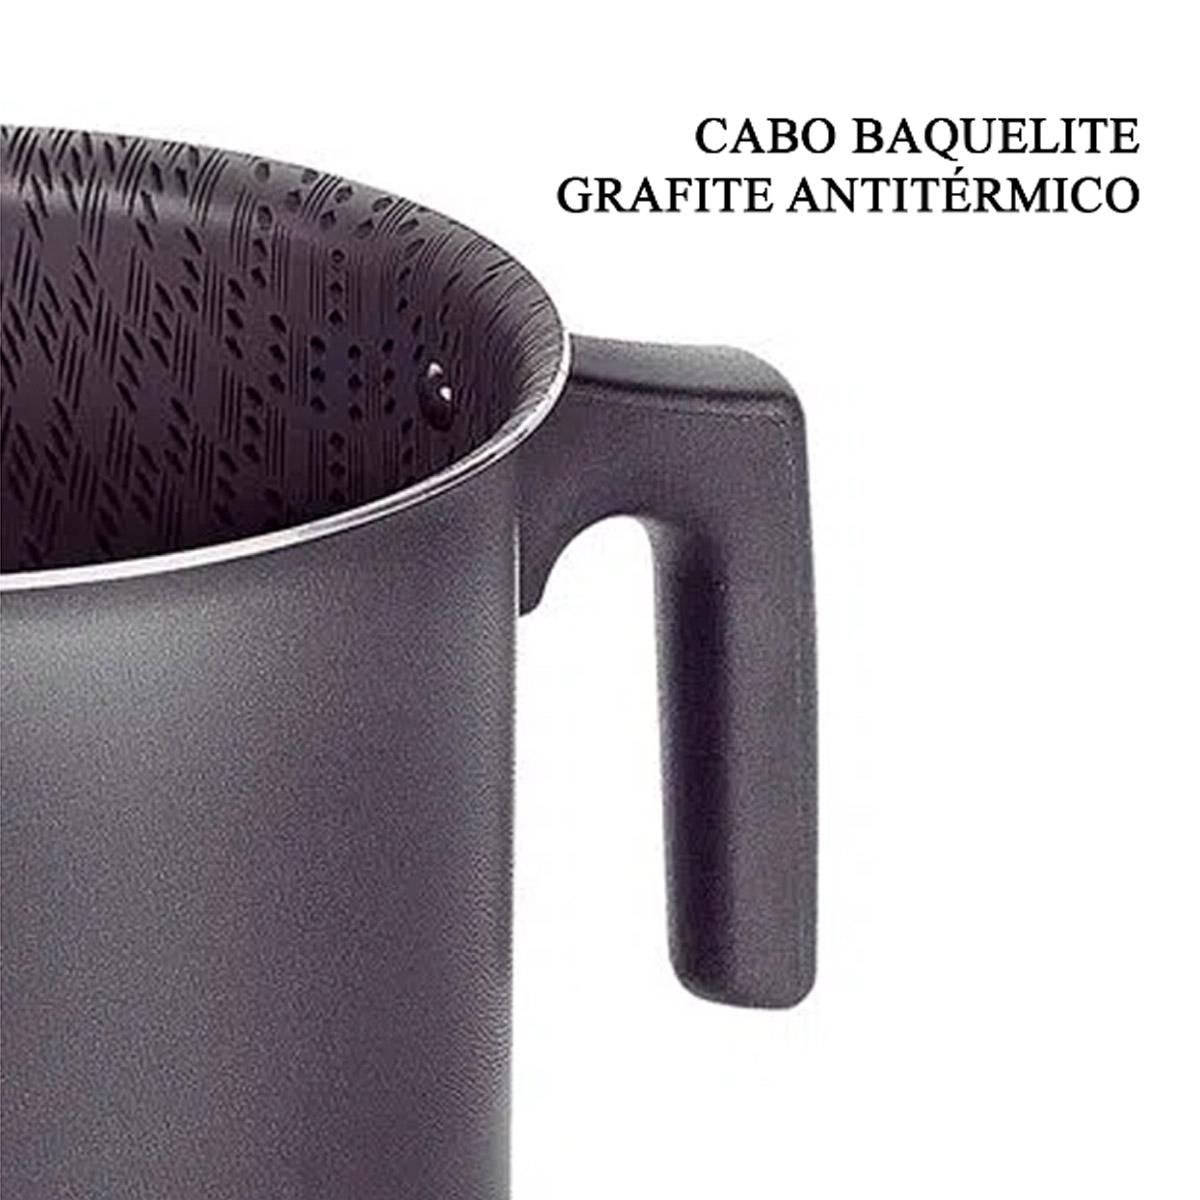 Fervedor Tramontina 14 cm Paris 1,9 L Antiaderente Alumínio Grafite